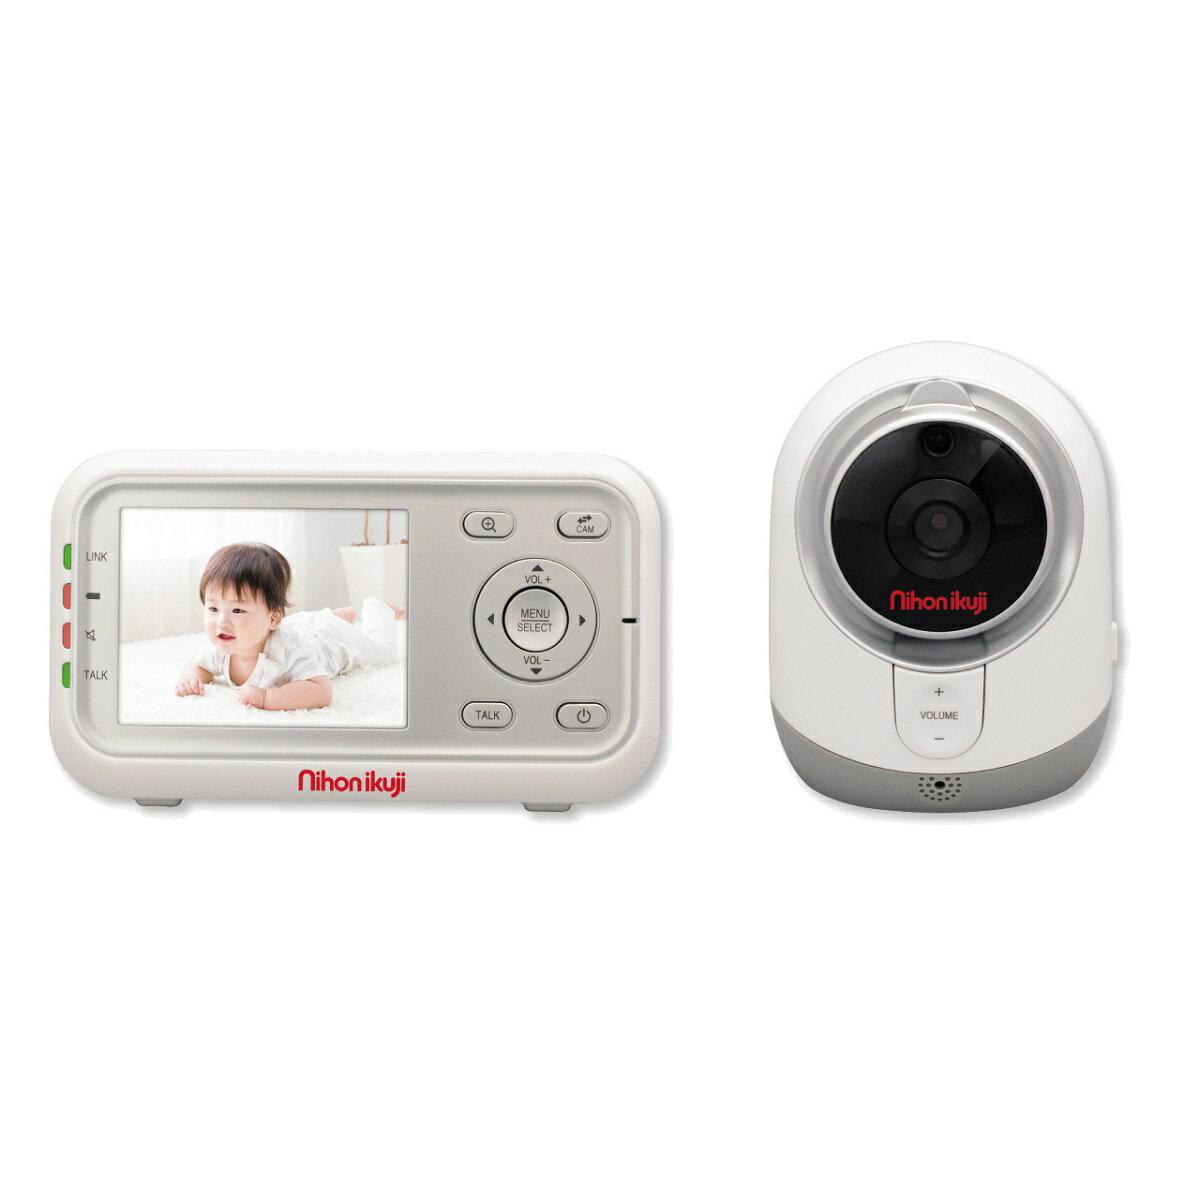 【新品】【レンタル3ヶ月】日本育児 デジタルカラー スマートビデオモニター3 【 ベビー用品 】【レンタル】